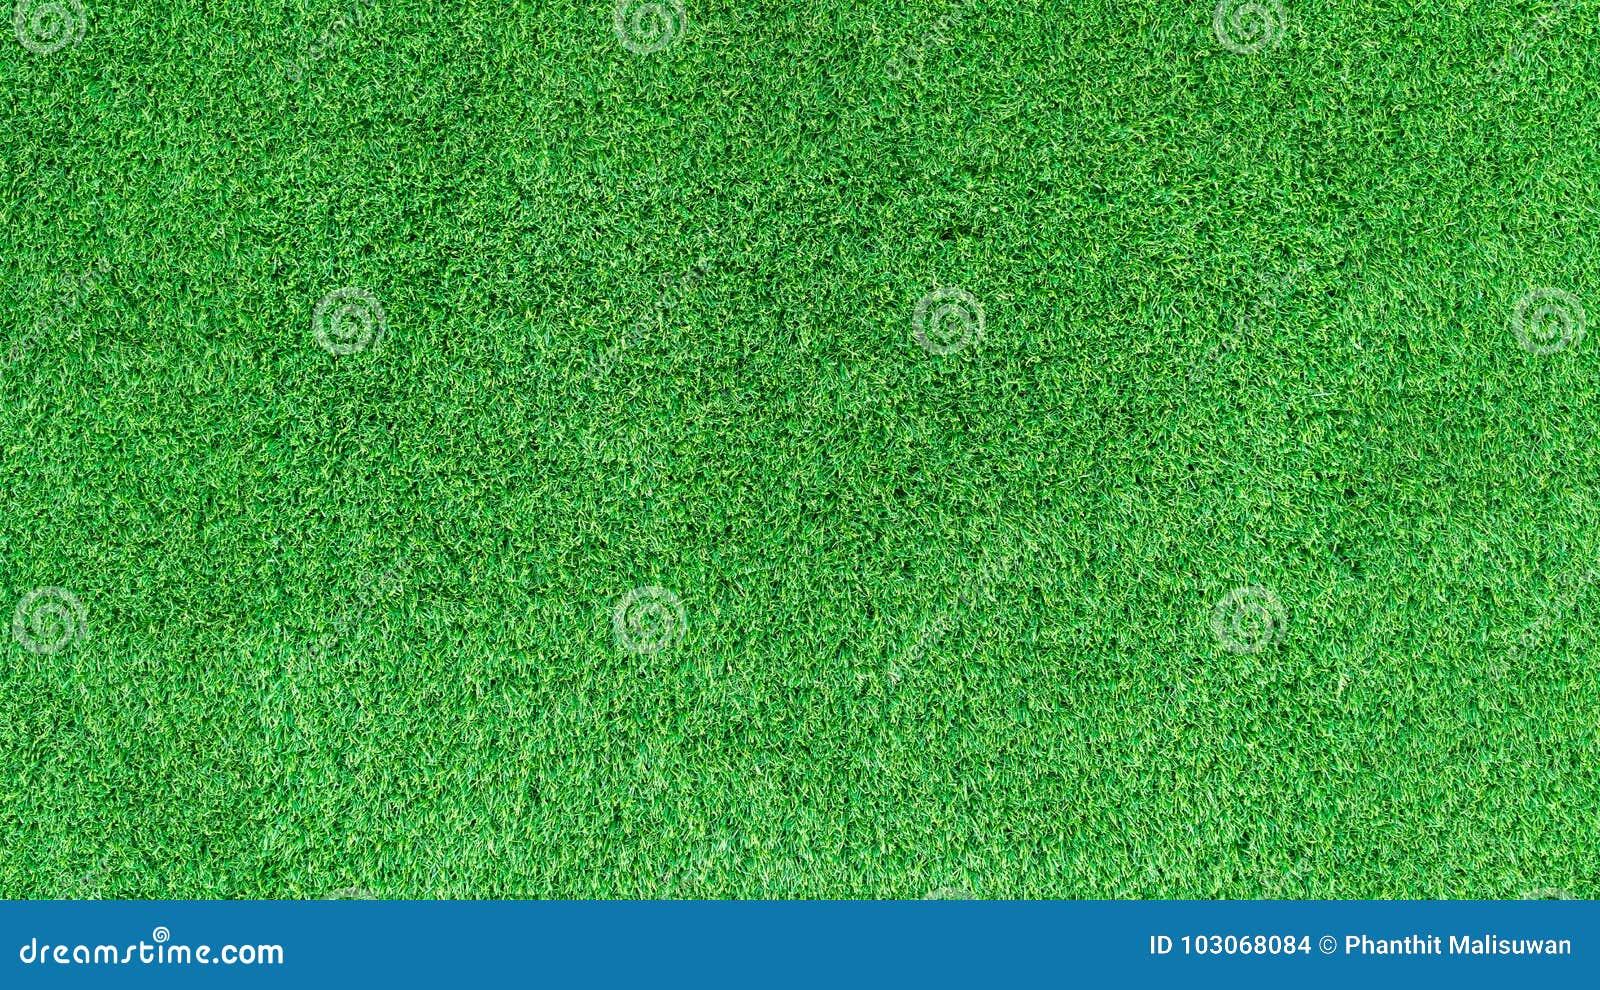 Künstliche Beschaffenheit des grünen Grases oder Hintergrund des grünen Grases für Golfplatz Fußballplatz oder Sporthintergrund